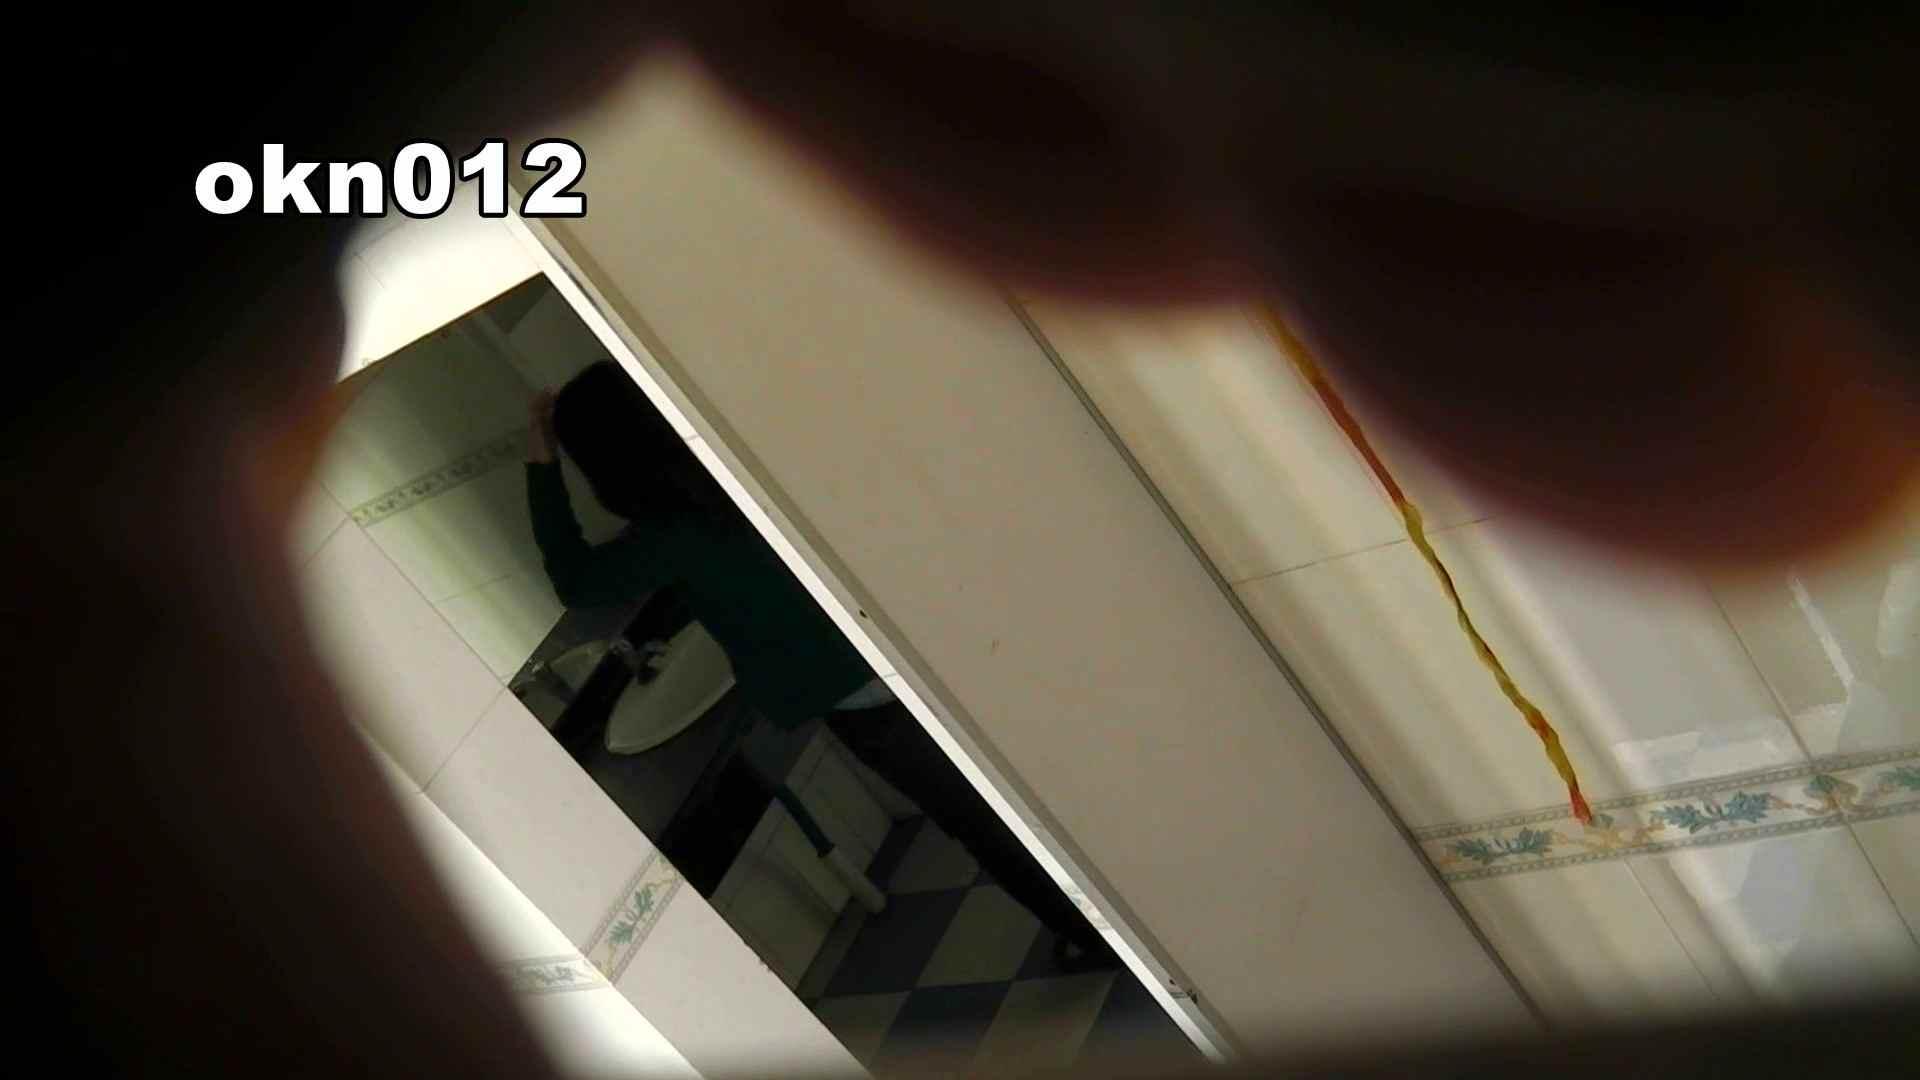 下からノゾム vol.012 長いものには 丸見え ヌード画像 83画像 62